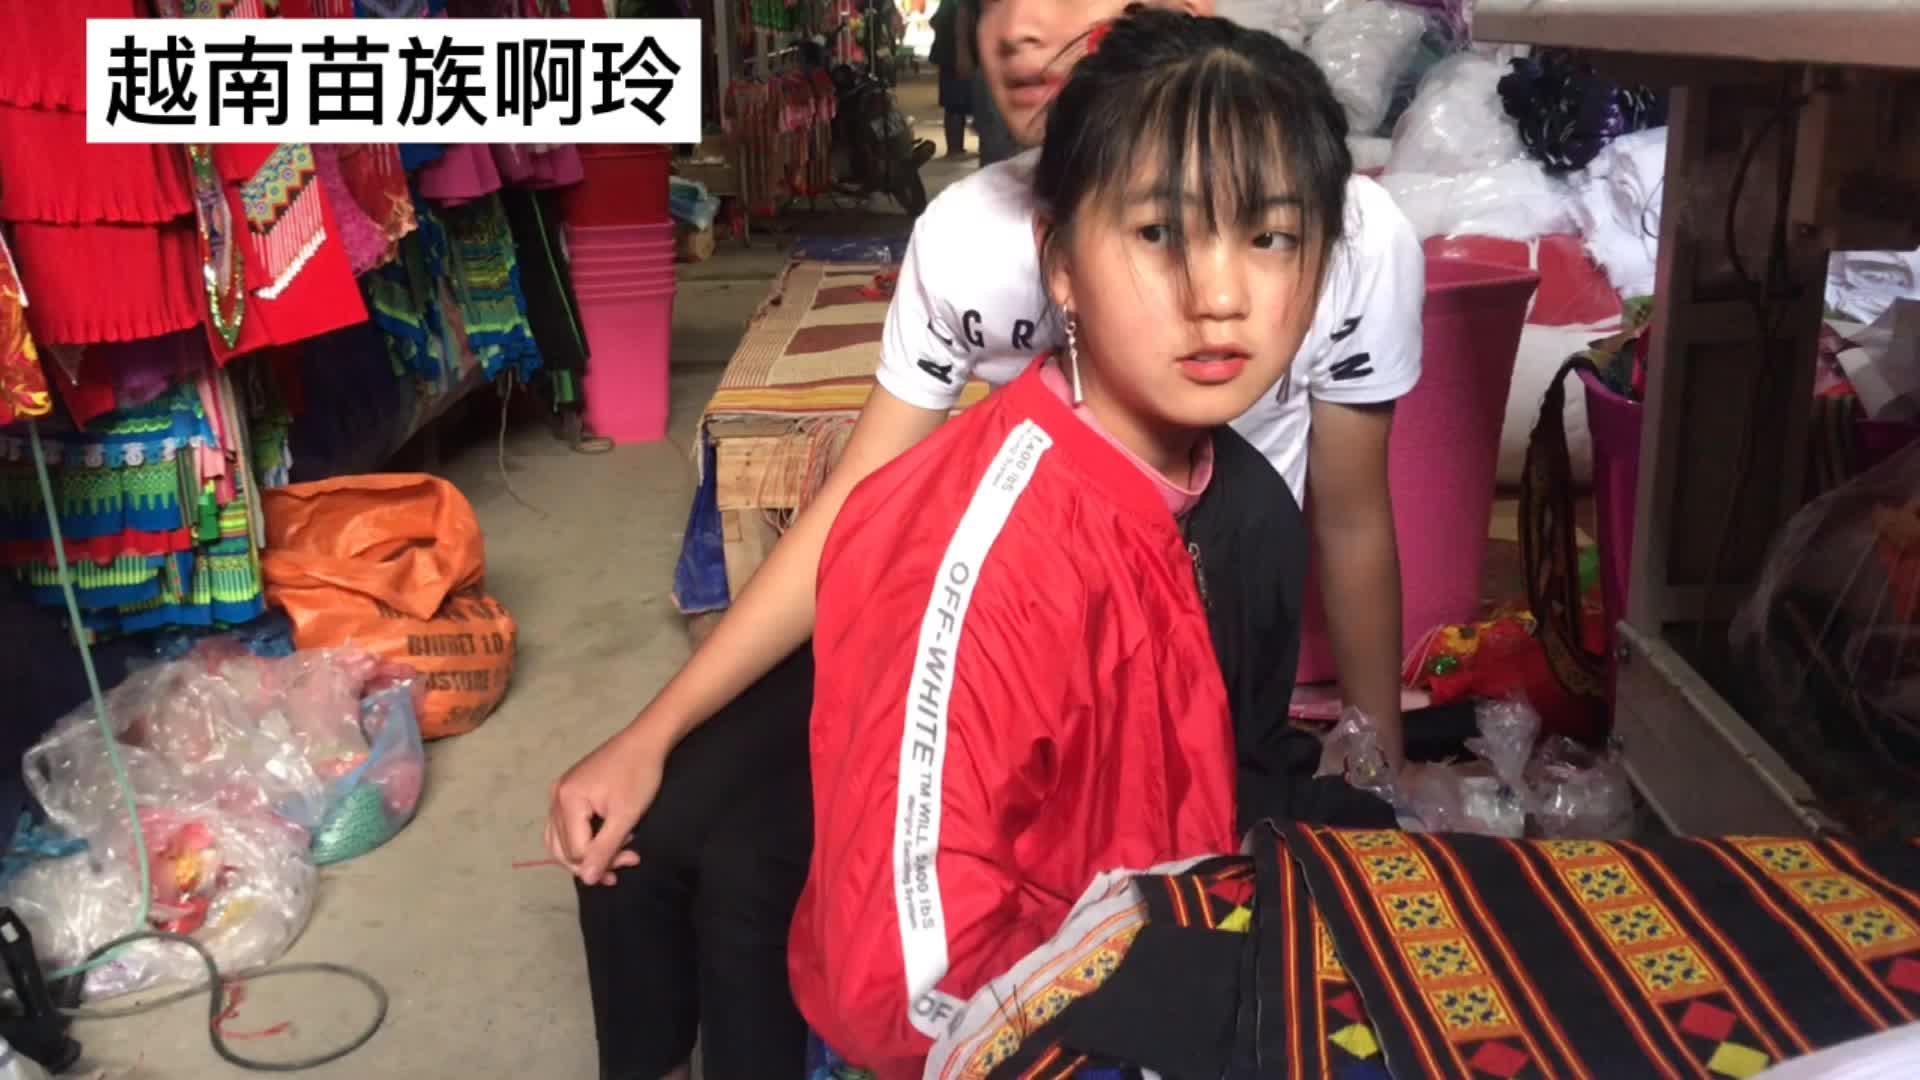 越南姑娘一天上12小时班,工资才30块,这也太低了吧!